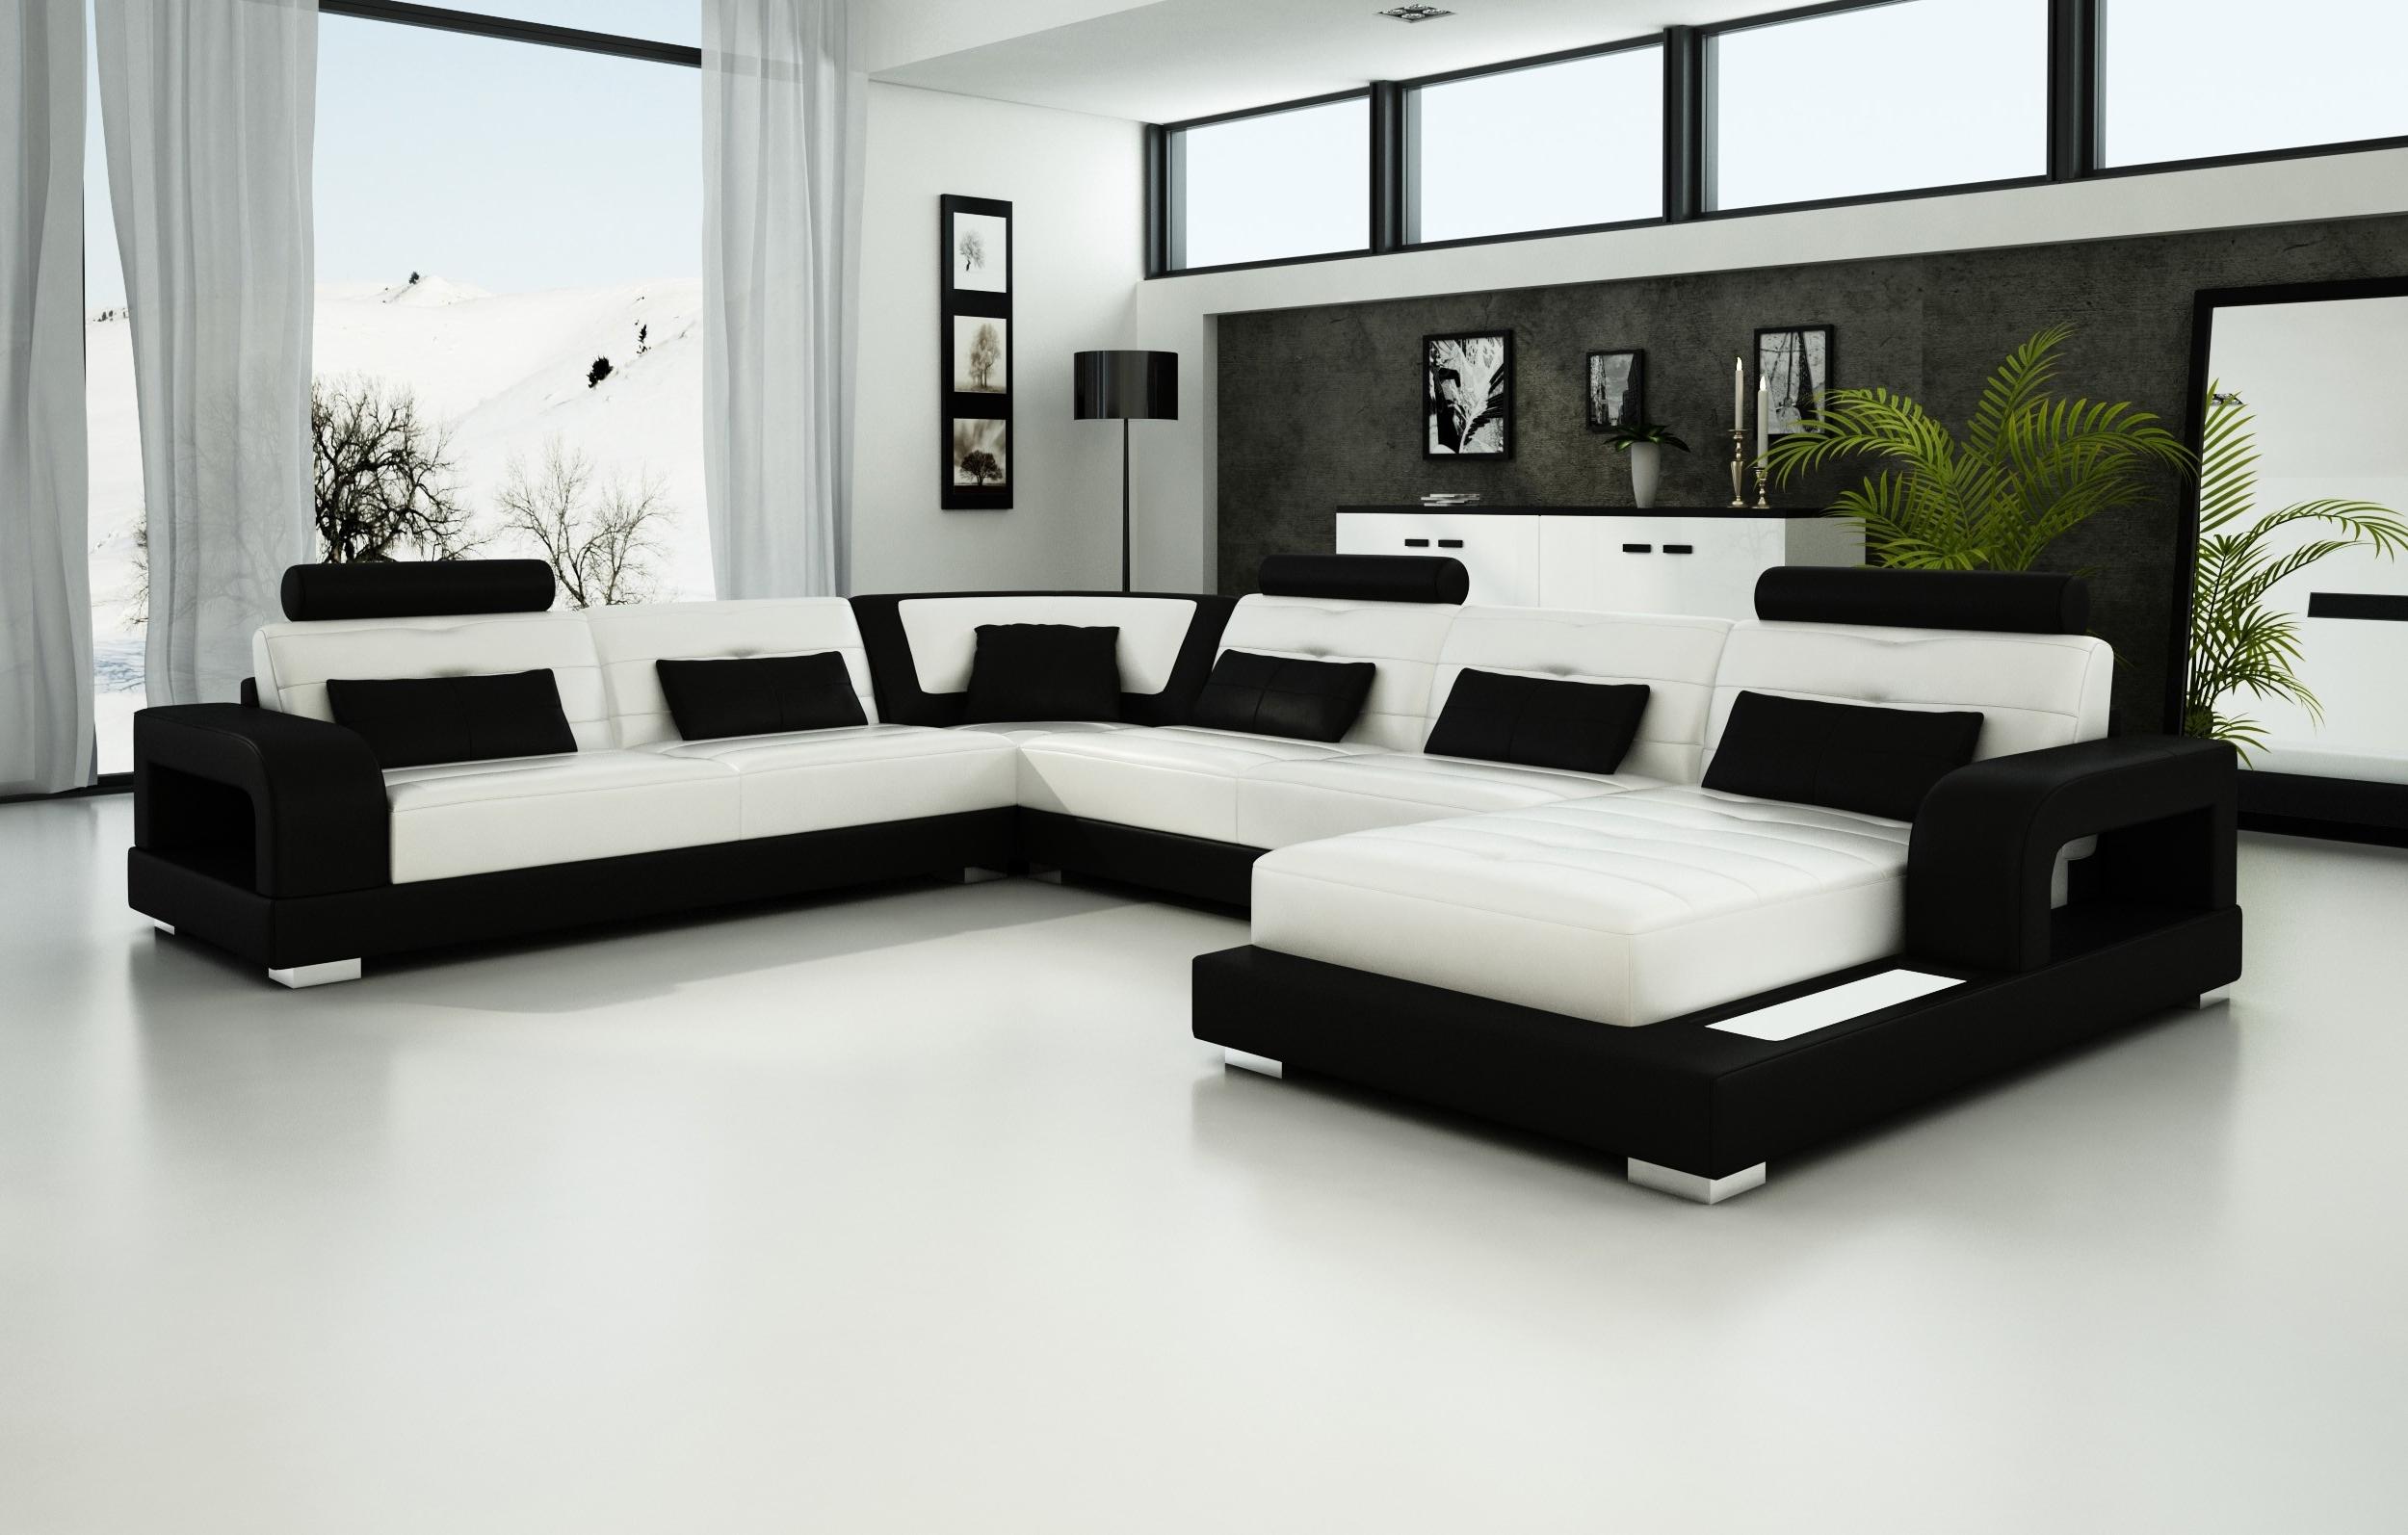 Olympian Sofas Pesaro White Black Leather Sofa – Sectional Sofas Within 2019 Trinidad And Tobago Sectional Sofas (View 4 of 20)